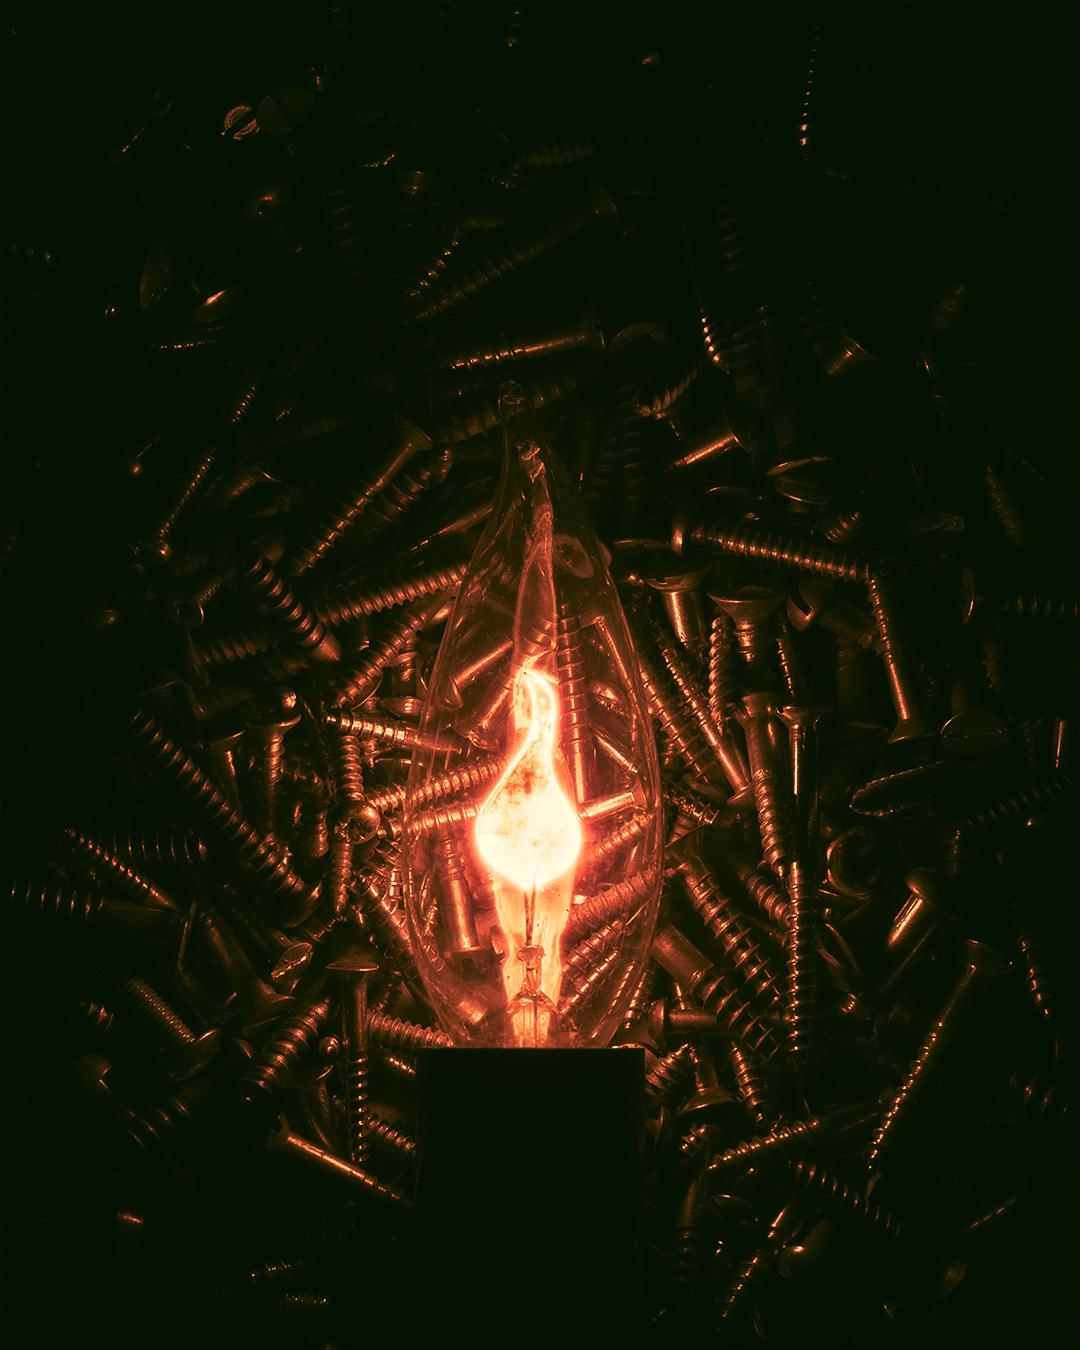 Flamme lyspære i en boks med skruer. mørk og oransj objekt fotografi. minimalistisk